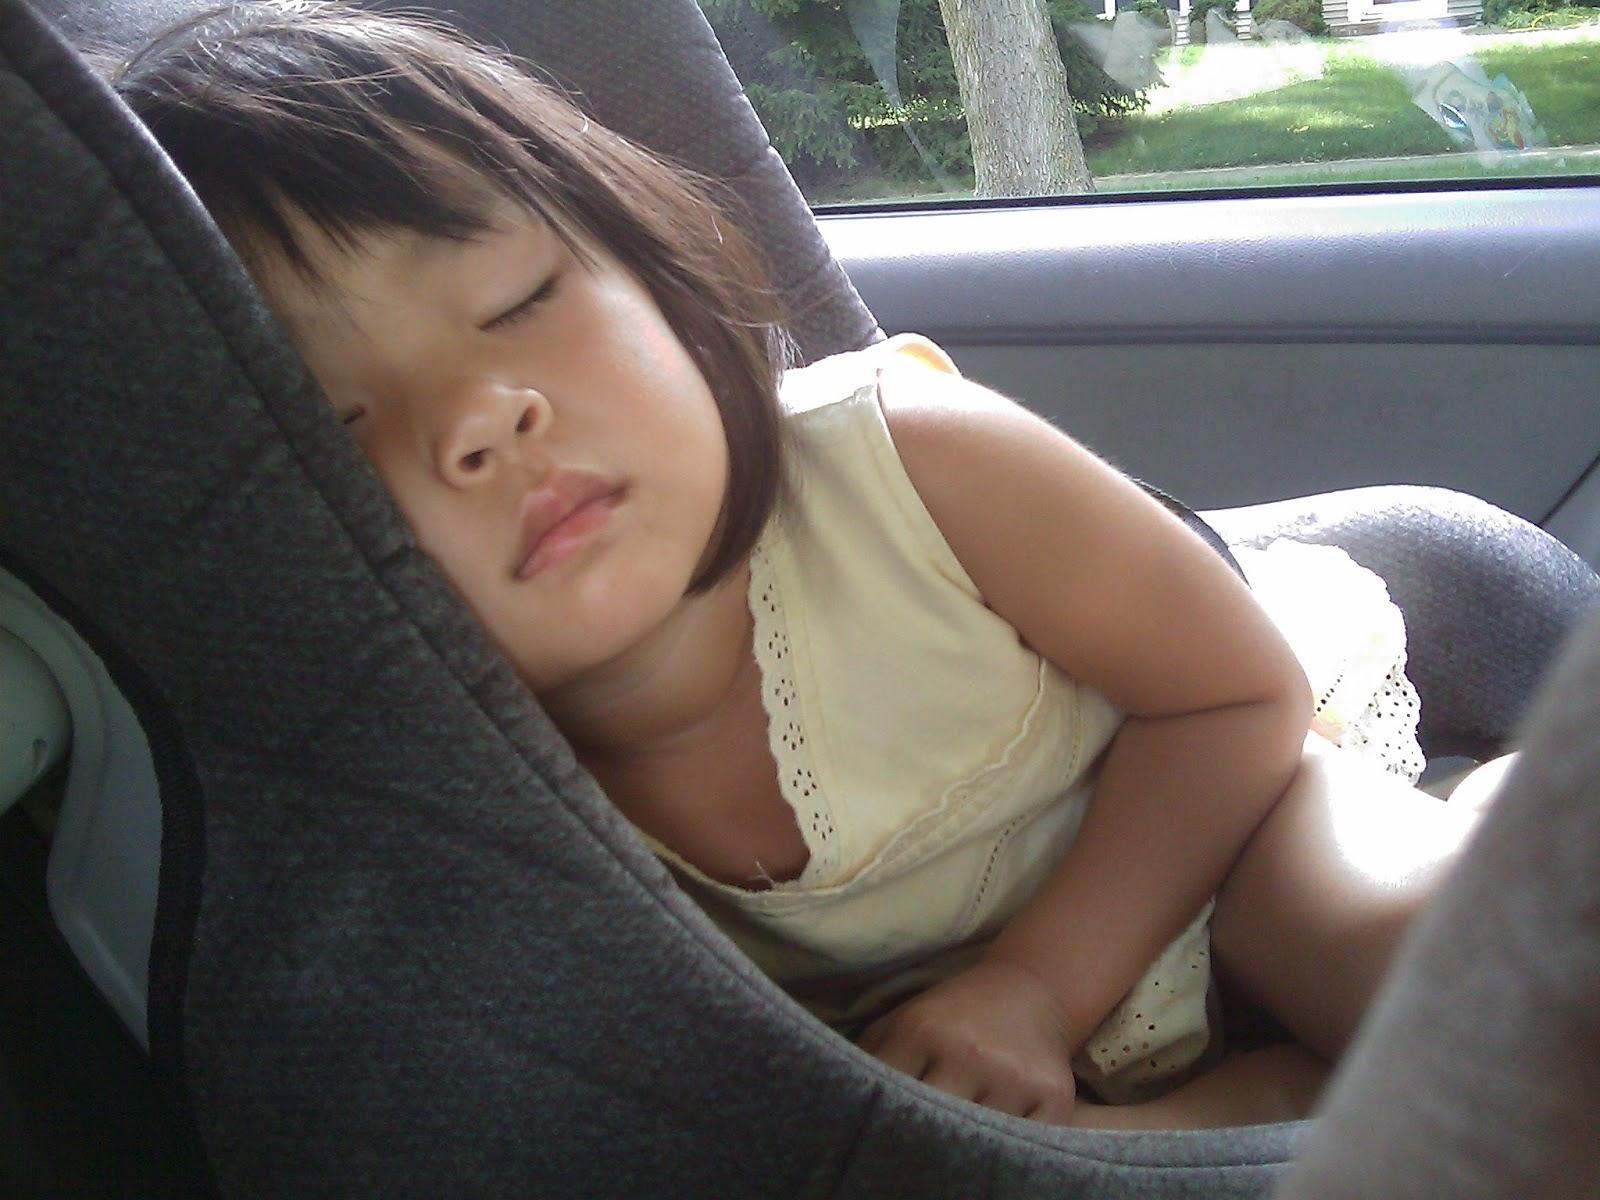 Criança dormindo de lado em uma cadeirinha de bebê no Uber e 99.